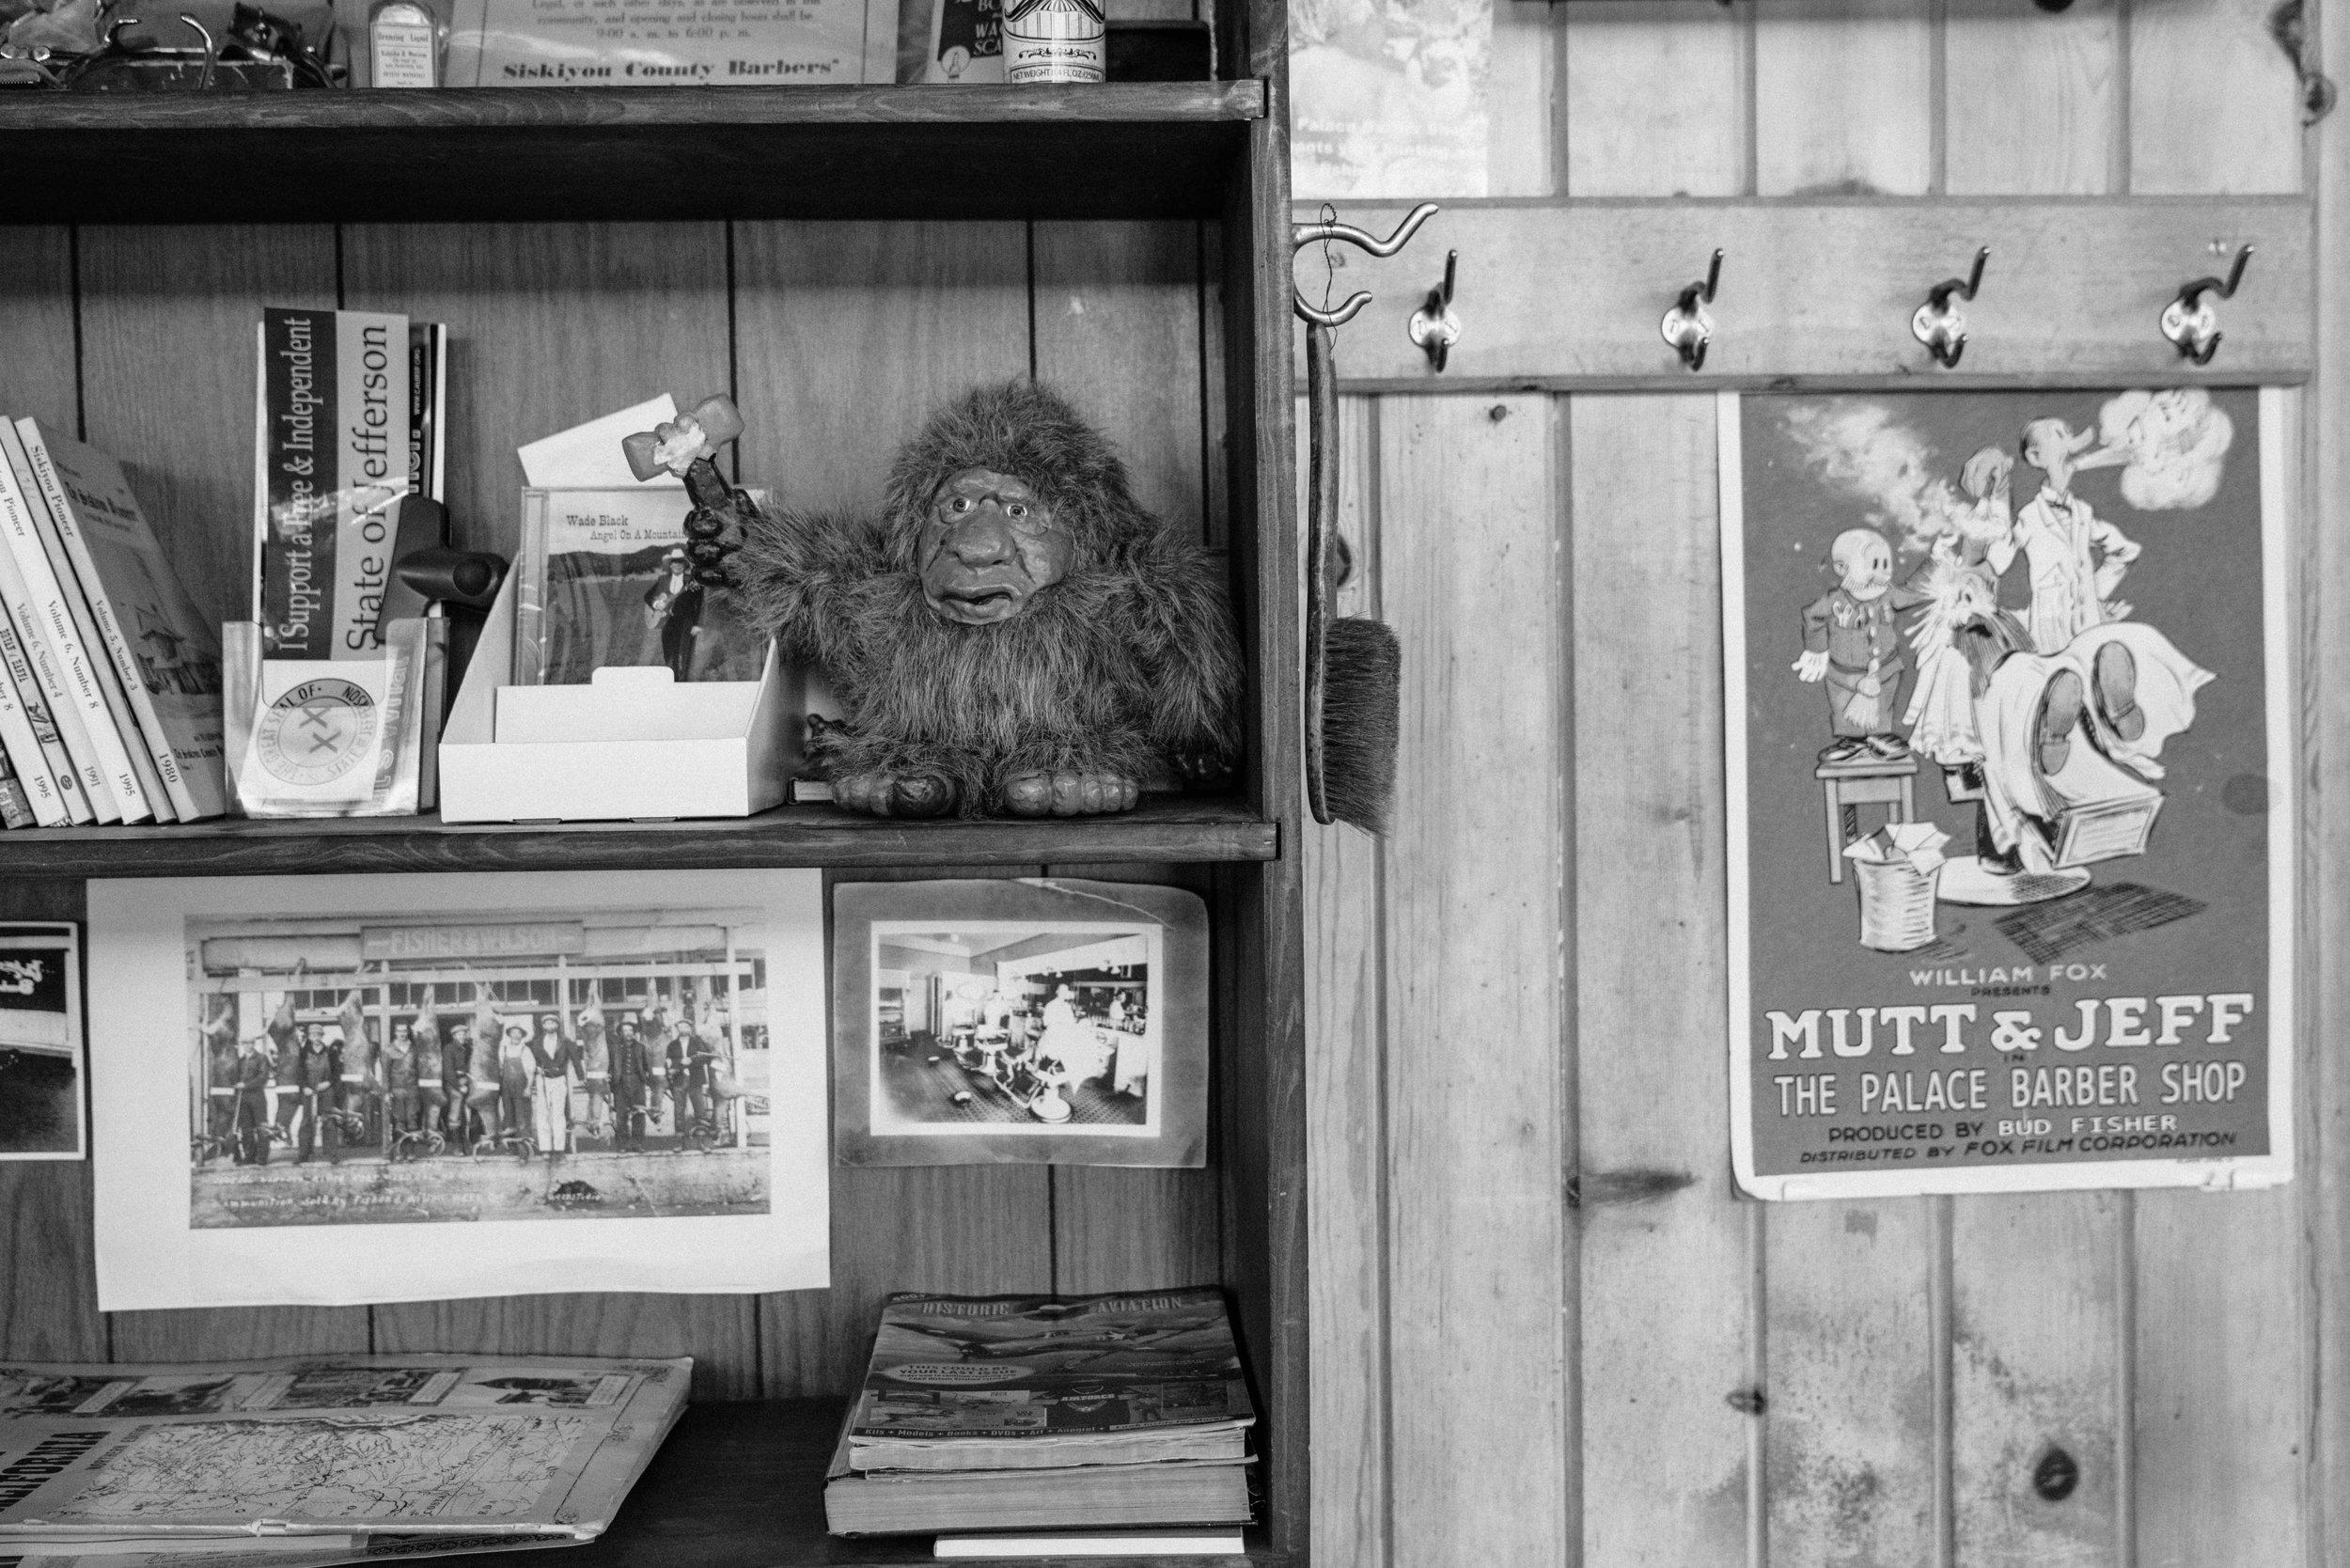 josue-rivas-state-of-jefferson-museum.jpg